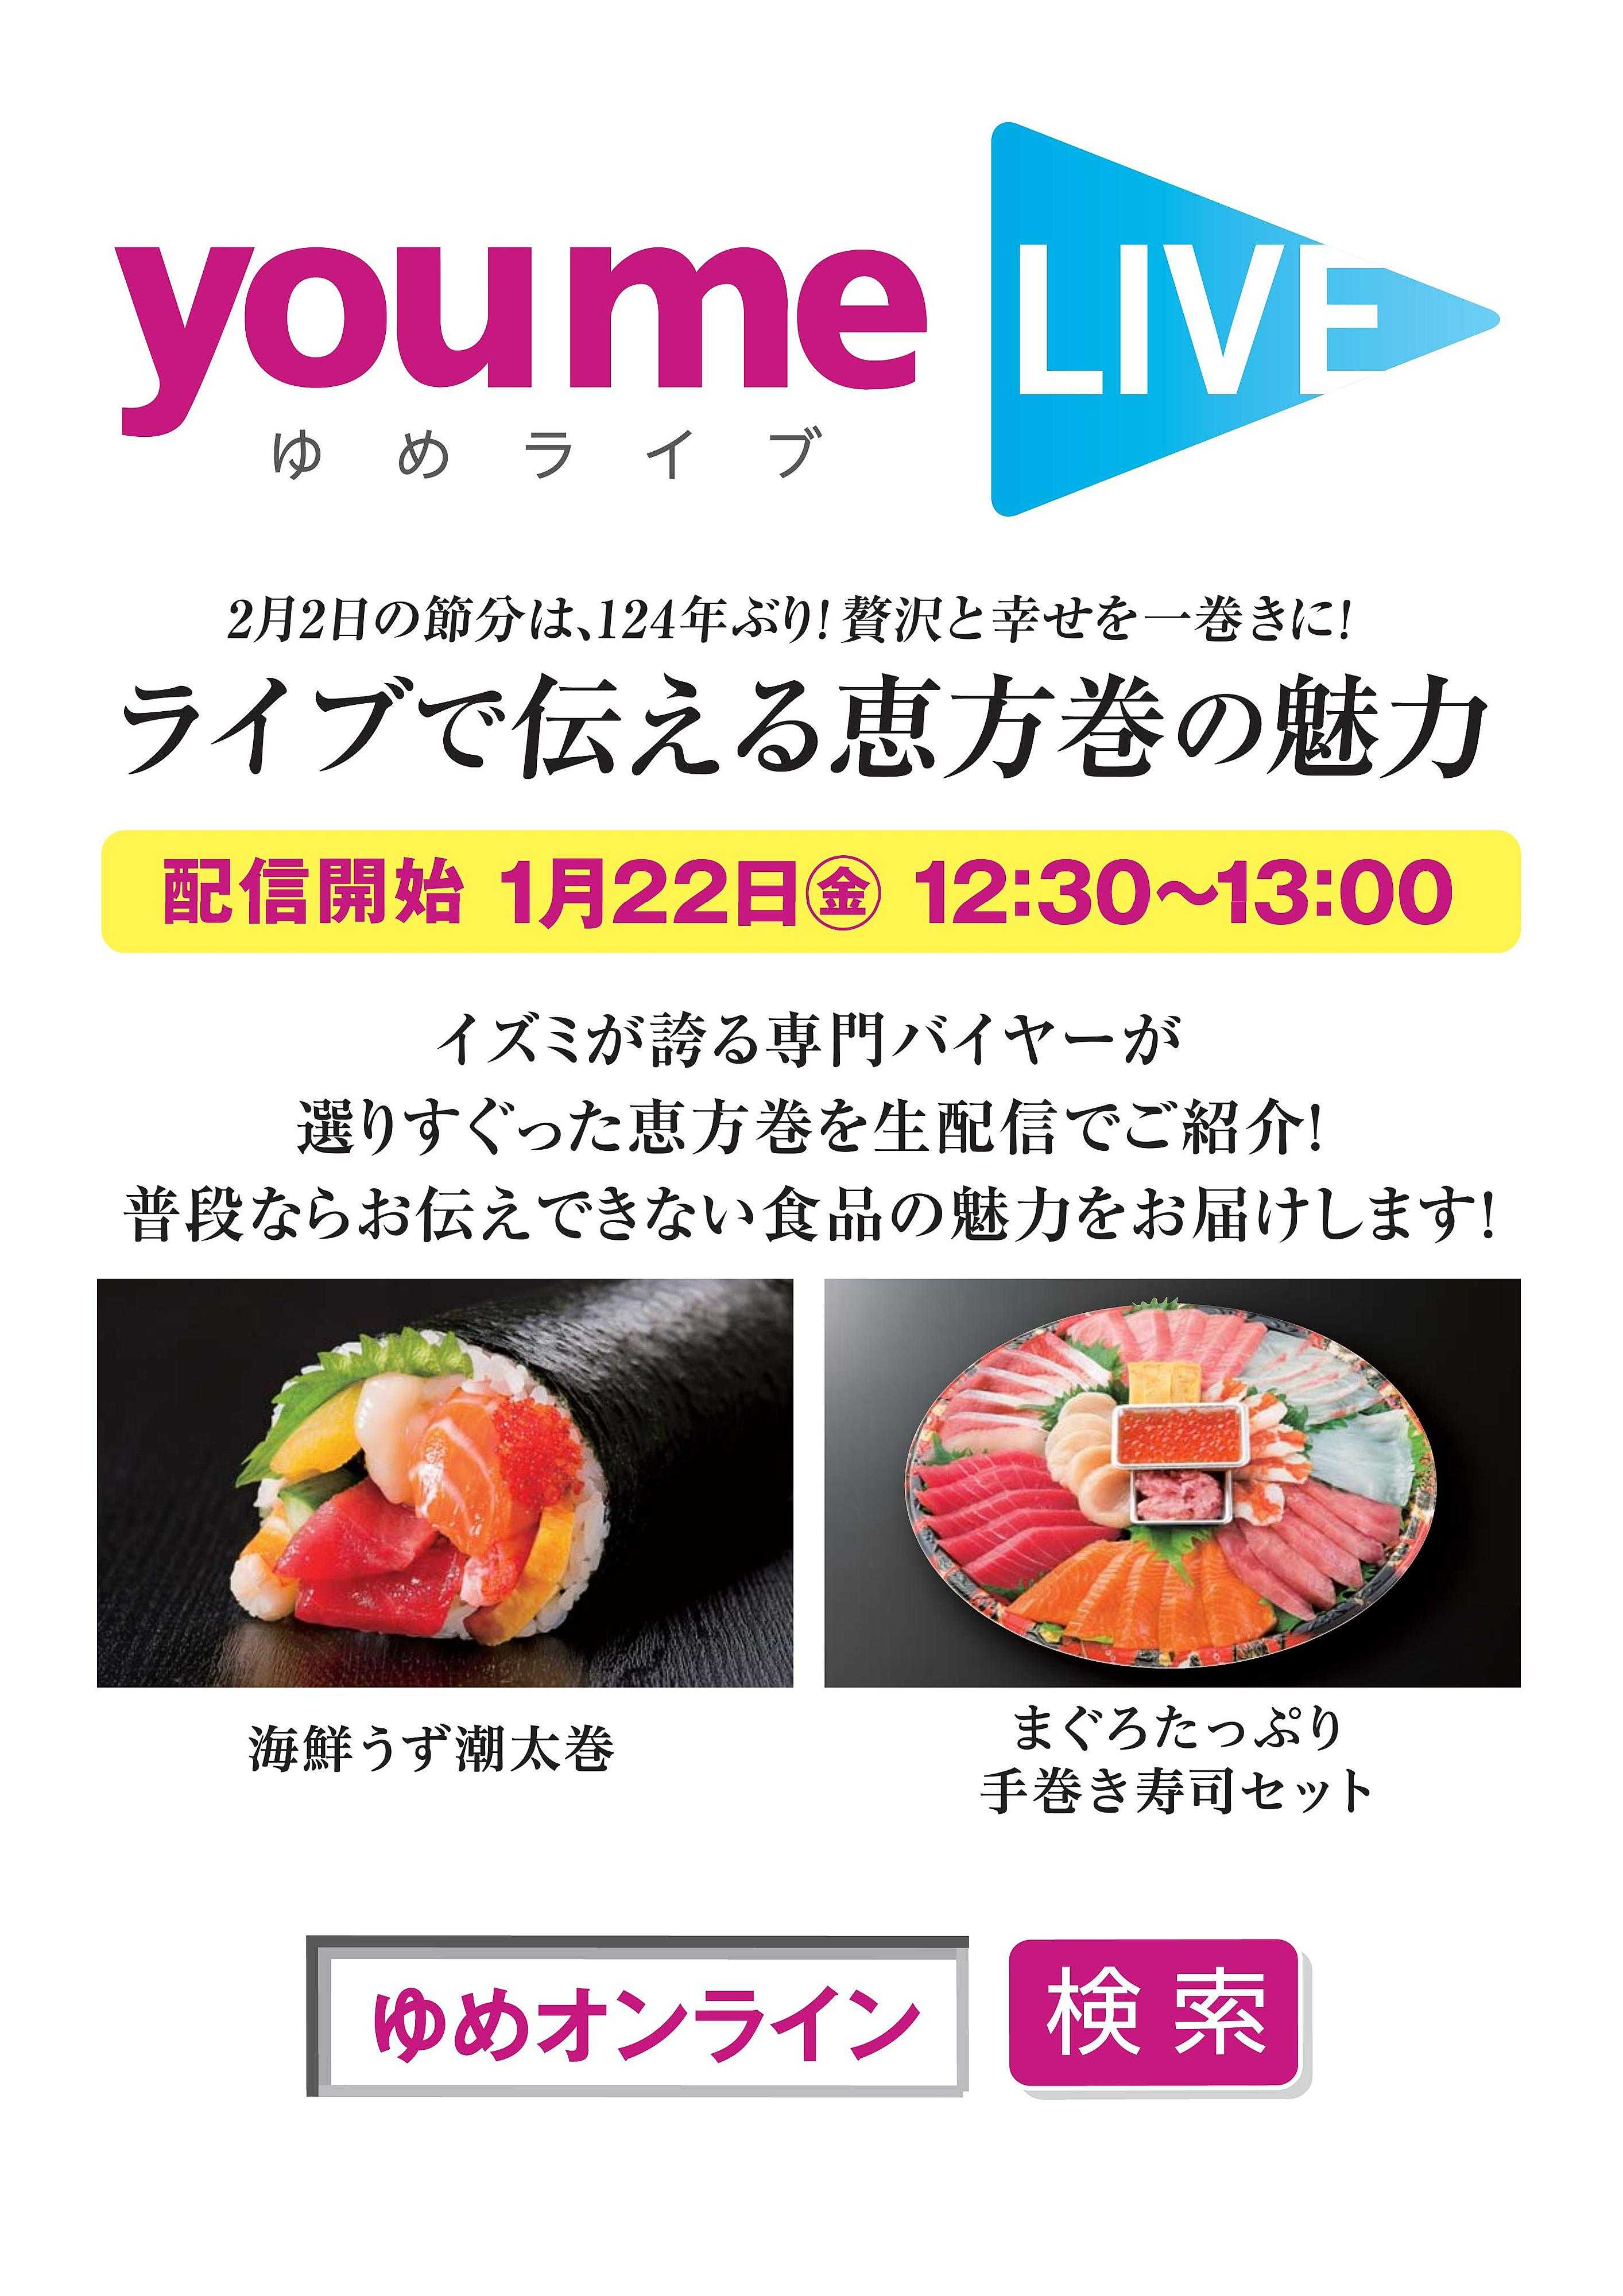 ゆめタウン 1/22(金)12:30~ゆめライブ配信!